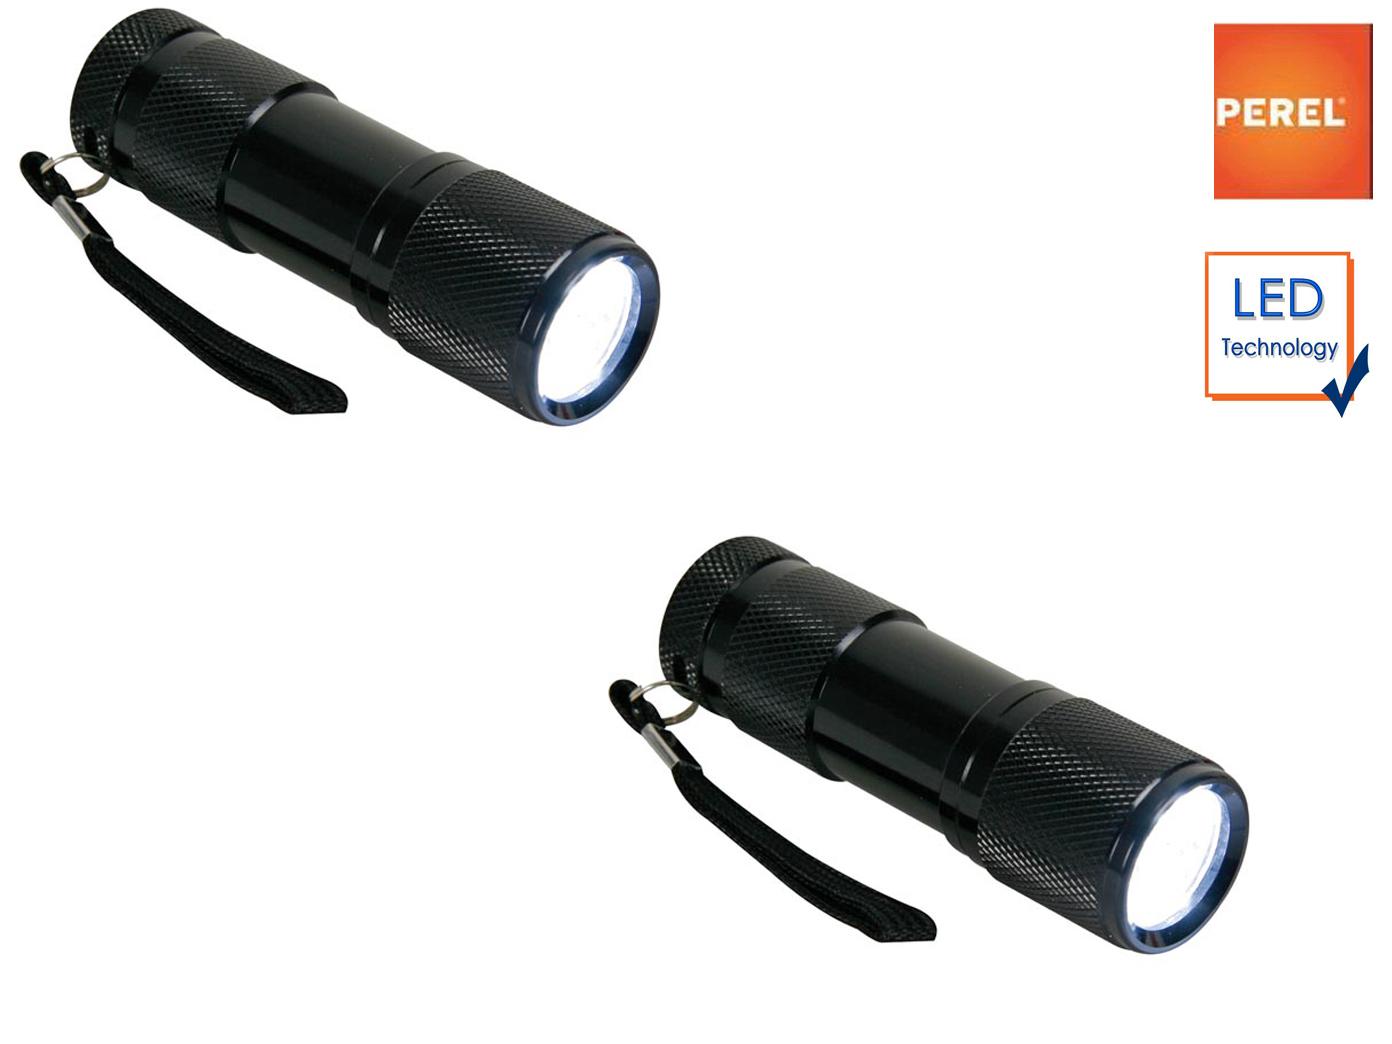 2er Set Taschenlampen mit extra hellen LEDs, Handlampen wetterfest mit Hülle